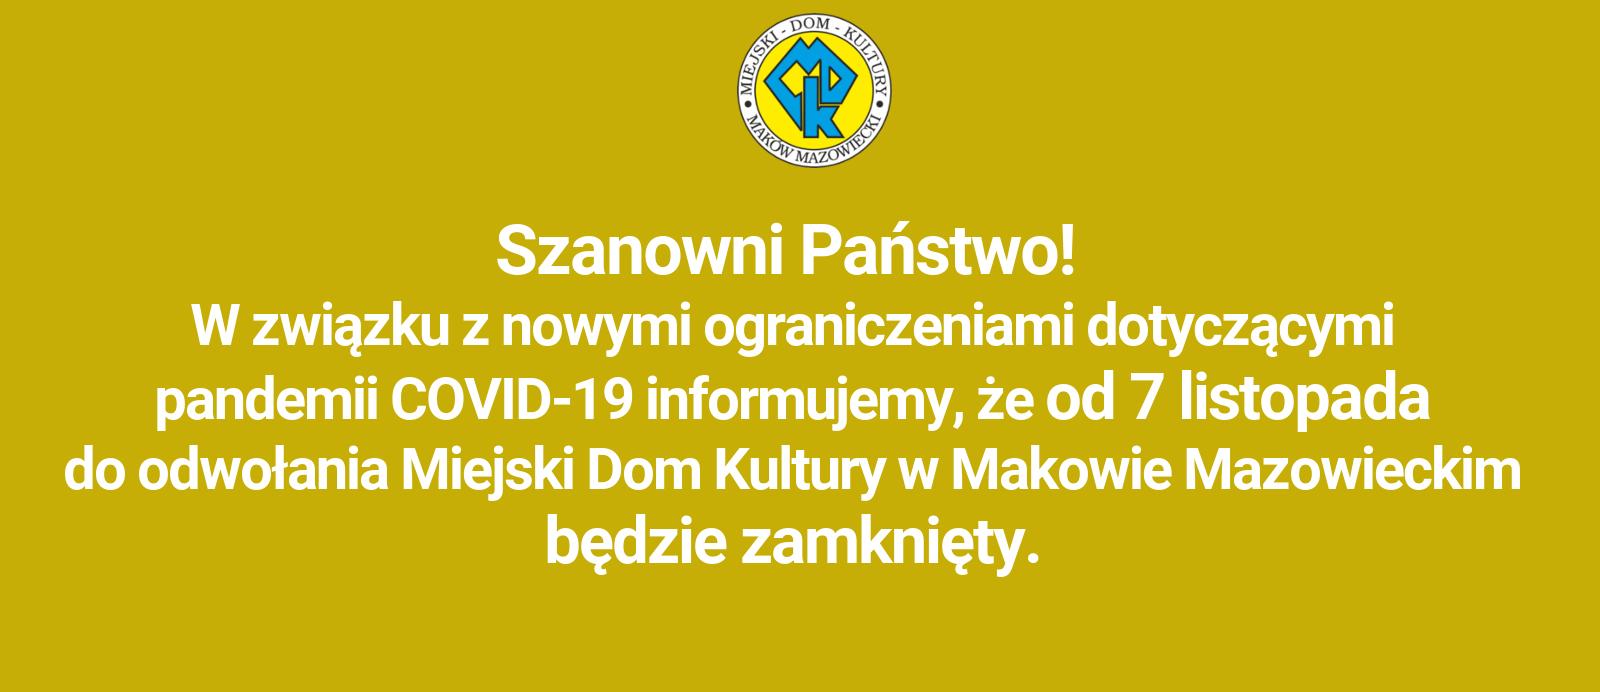 Szanowni Państwo! W związku z nowymi ograniczeniami dotyczącymi pandemii COVID-19 informujemy, że od 7 listopada do odwołania Miejski Dom Kultury w Makowie Mazowieckim będzie zamknięty.